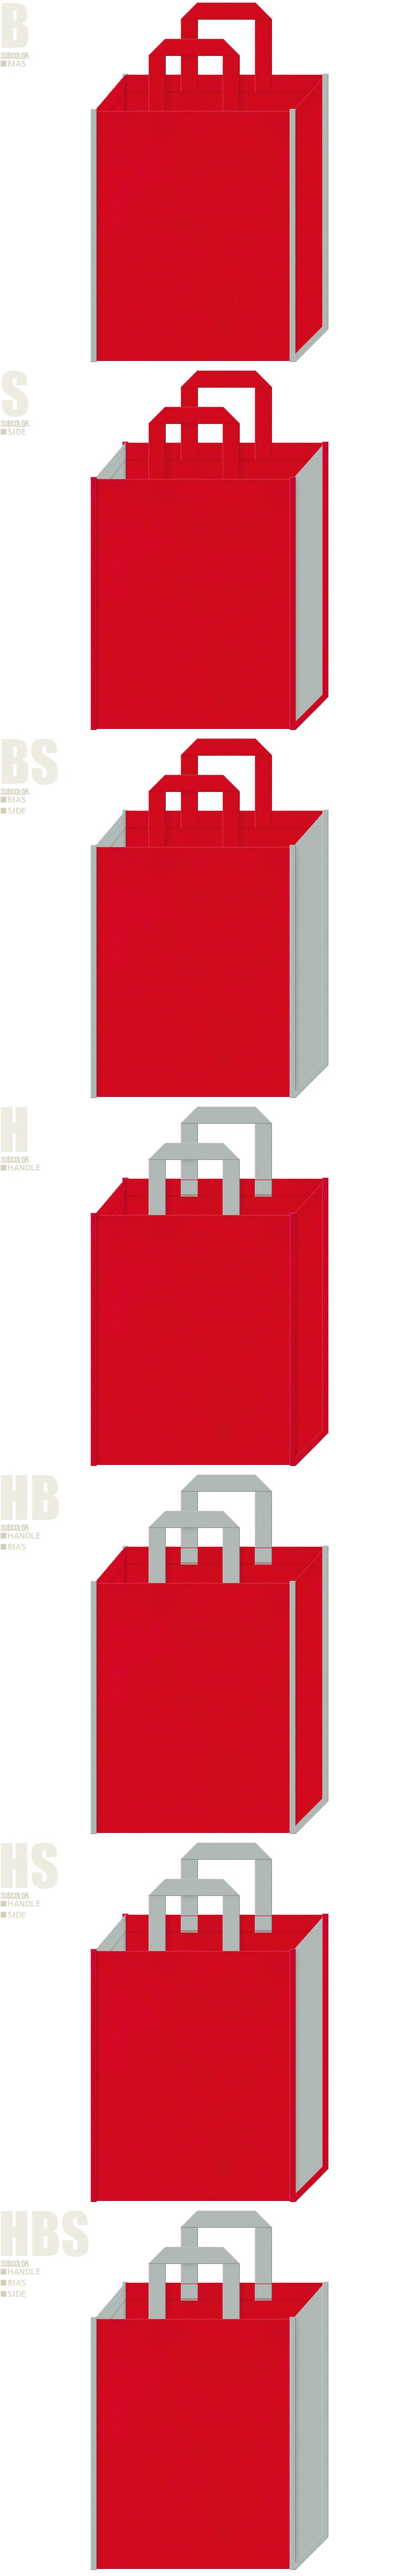 ロボット・プラモデル・ラジコン・ホビーの展示会用バッグにお奨めの不織布バッグデザイン:紅色とグレーの配色7パターン